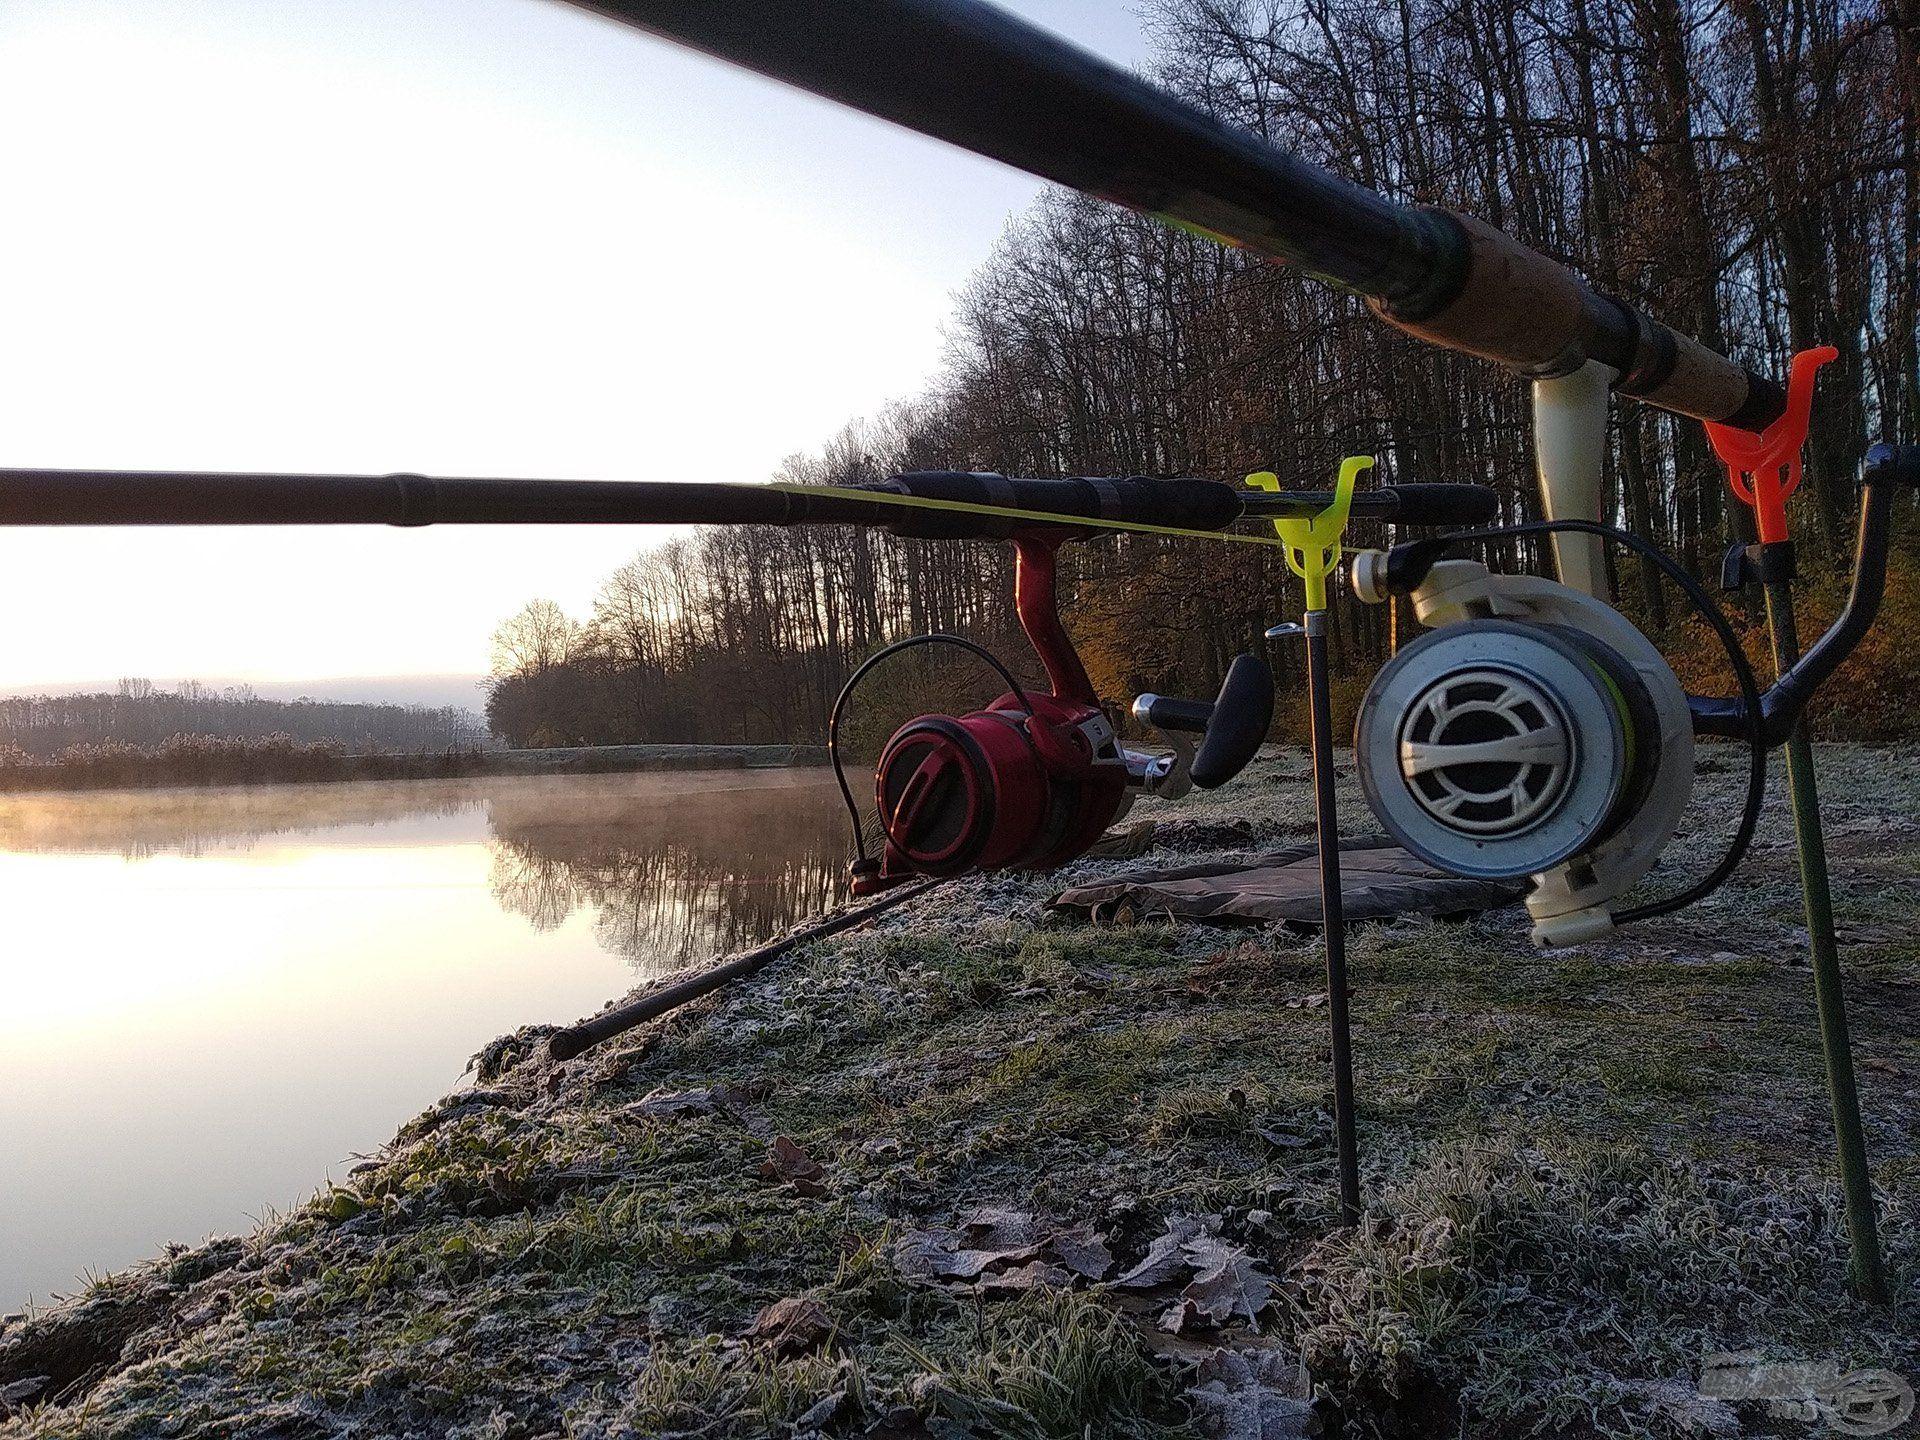 Az általam használt felszerelés ezen a horgászaton azonos volt a másodikon használttal